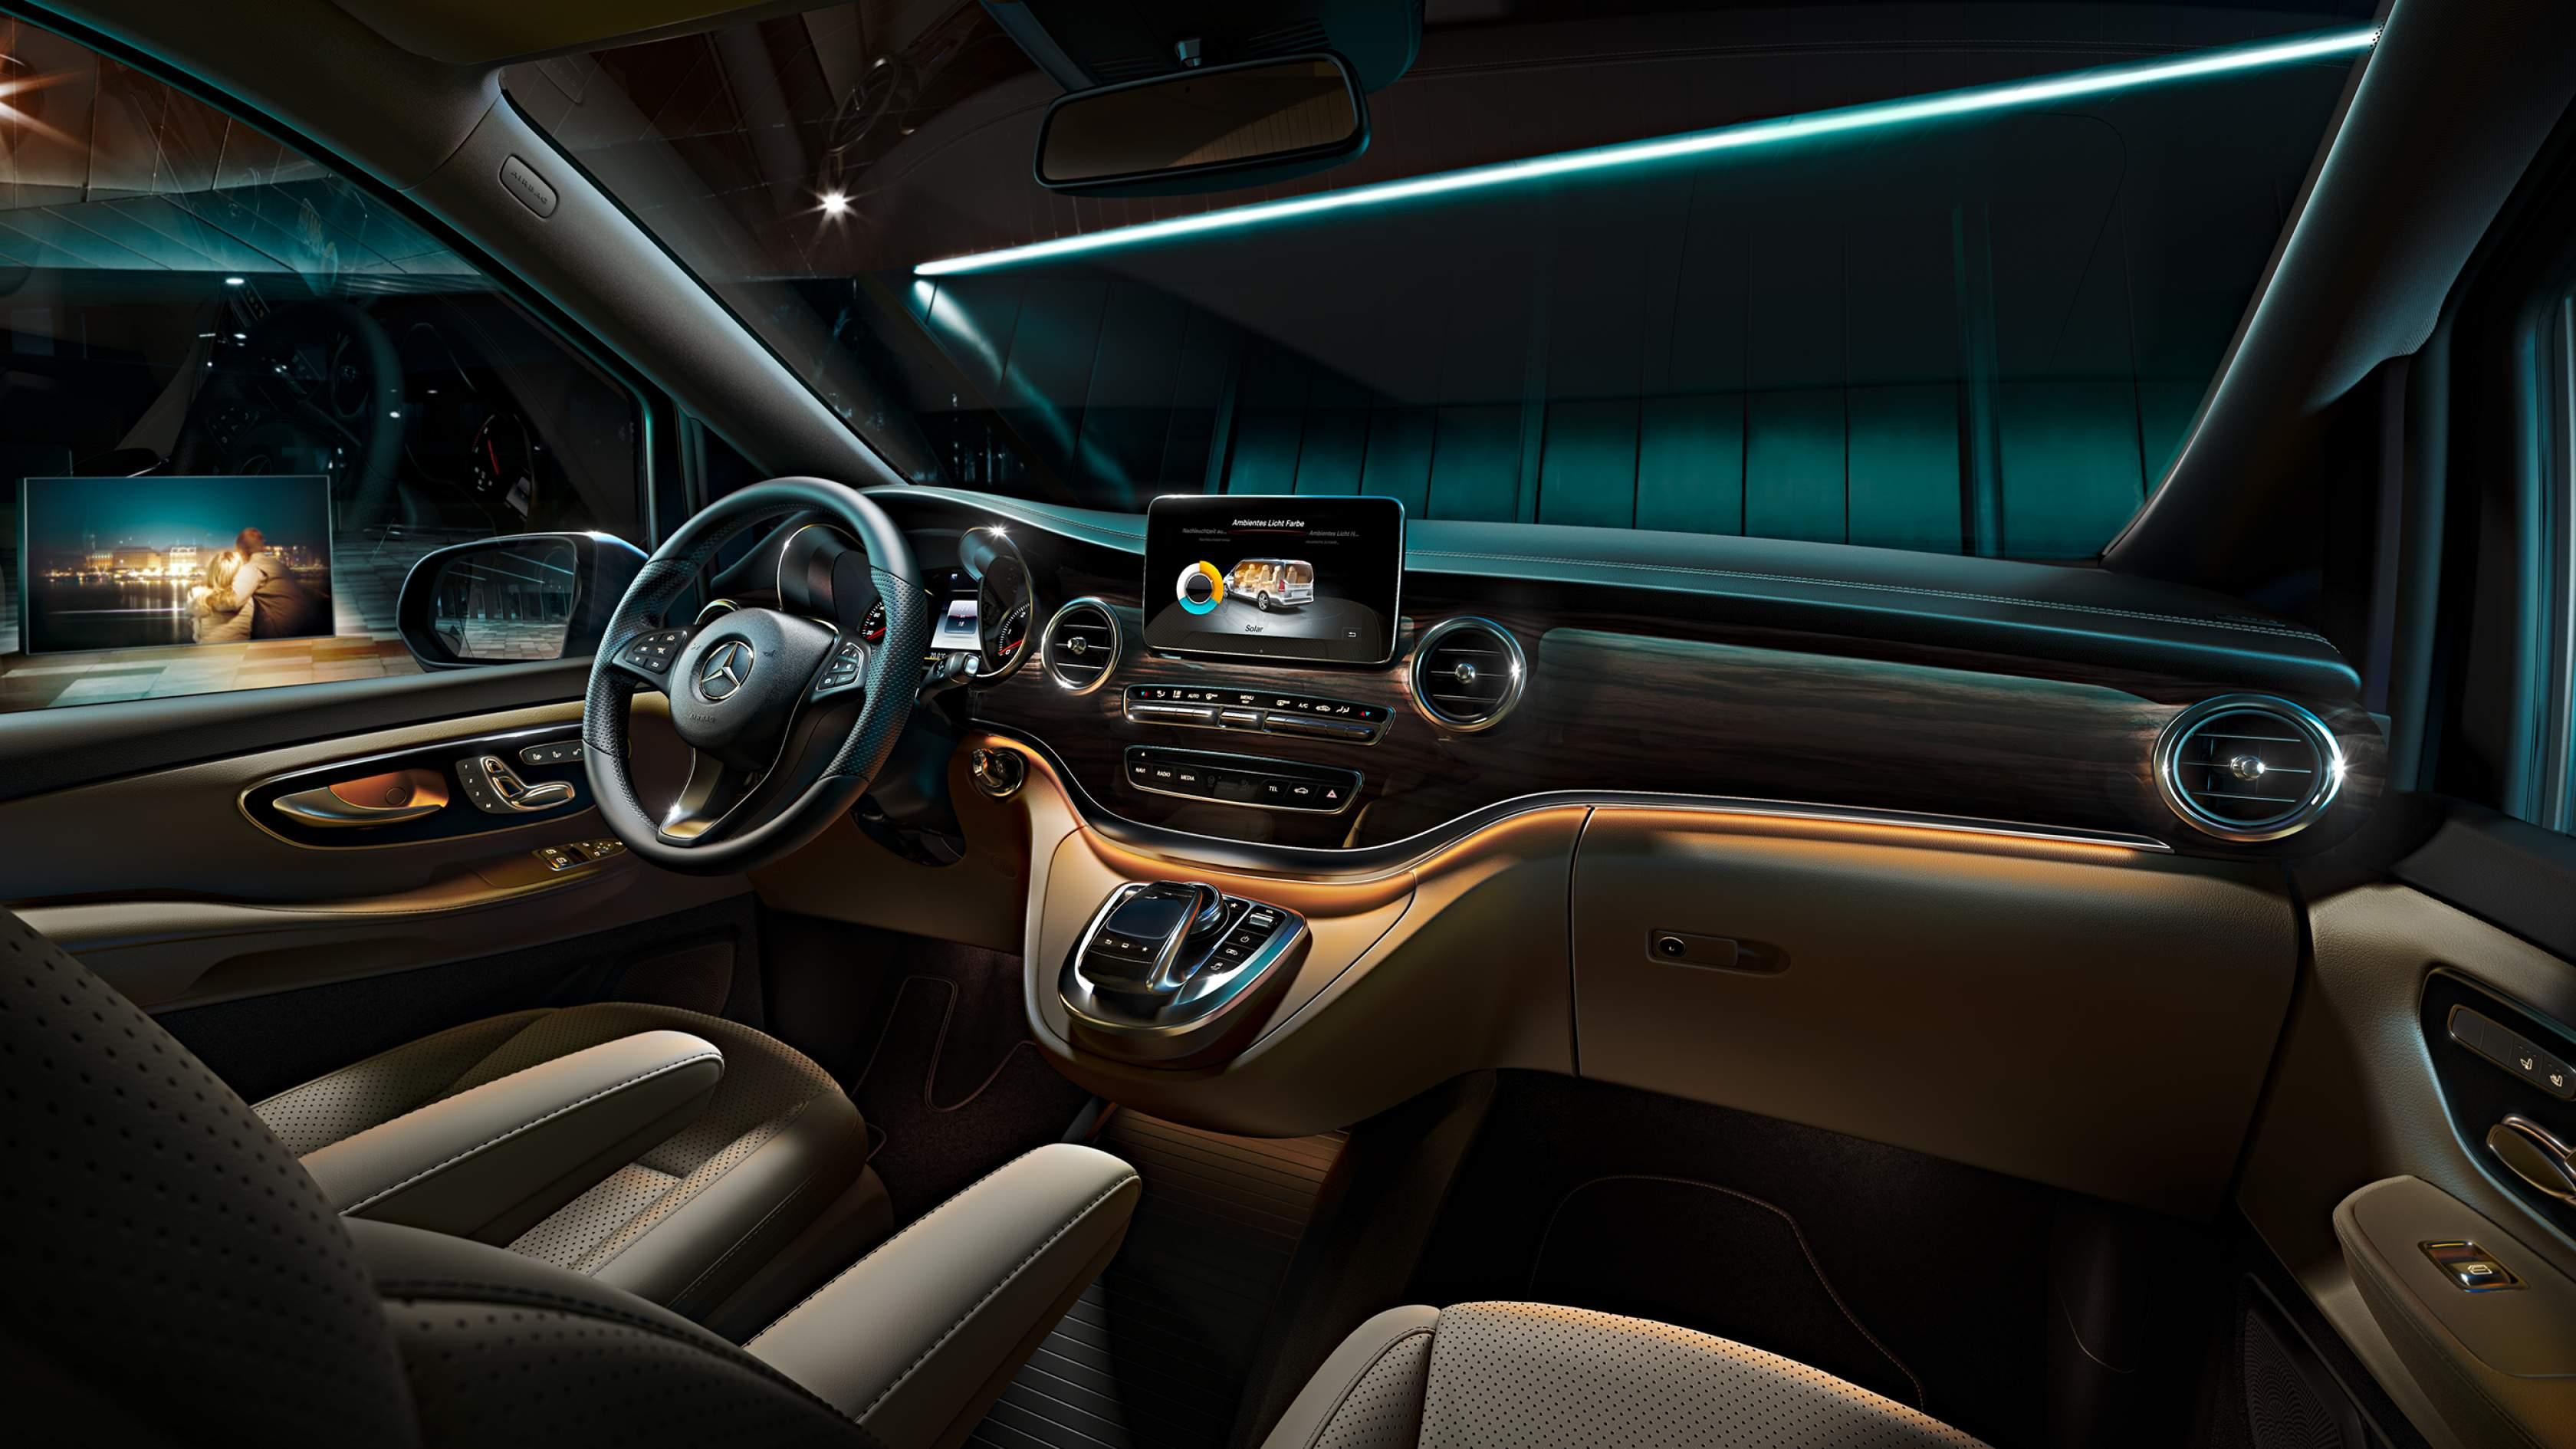 Mercedes V-Class à louer. Deluxe Rental Cars est un service de location de voitures de luxe et de sport actif sur Lausanne, Montreux, Genève, Sion, Fribourg, Neuchâtel.